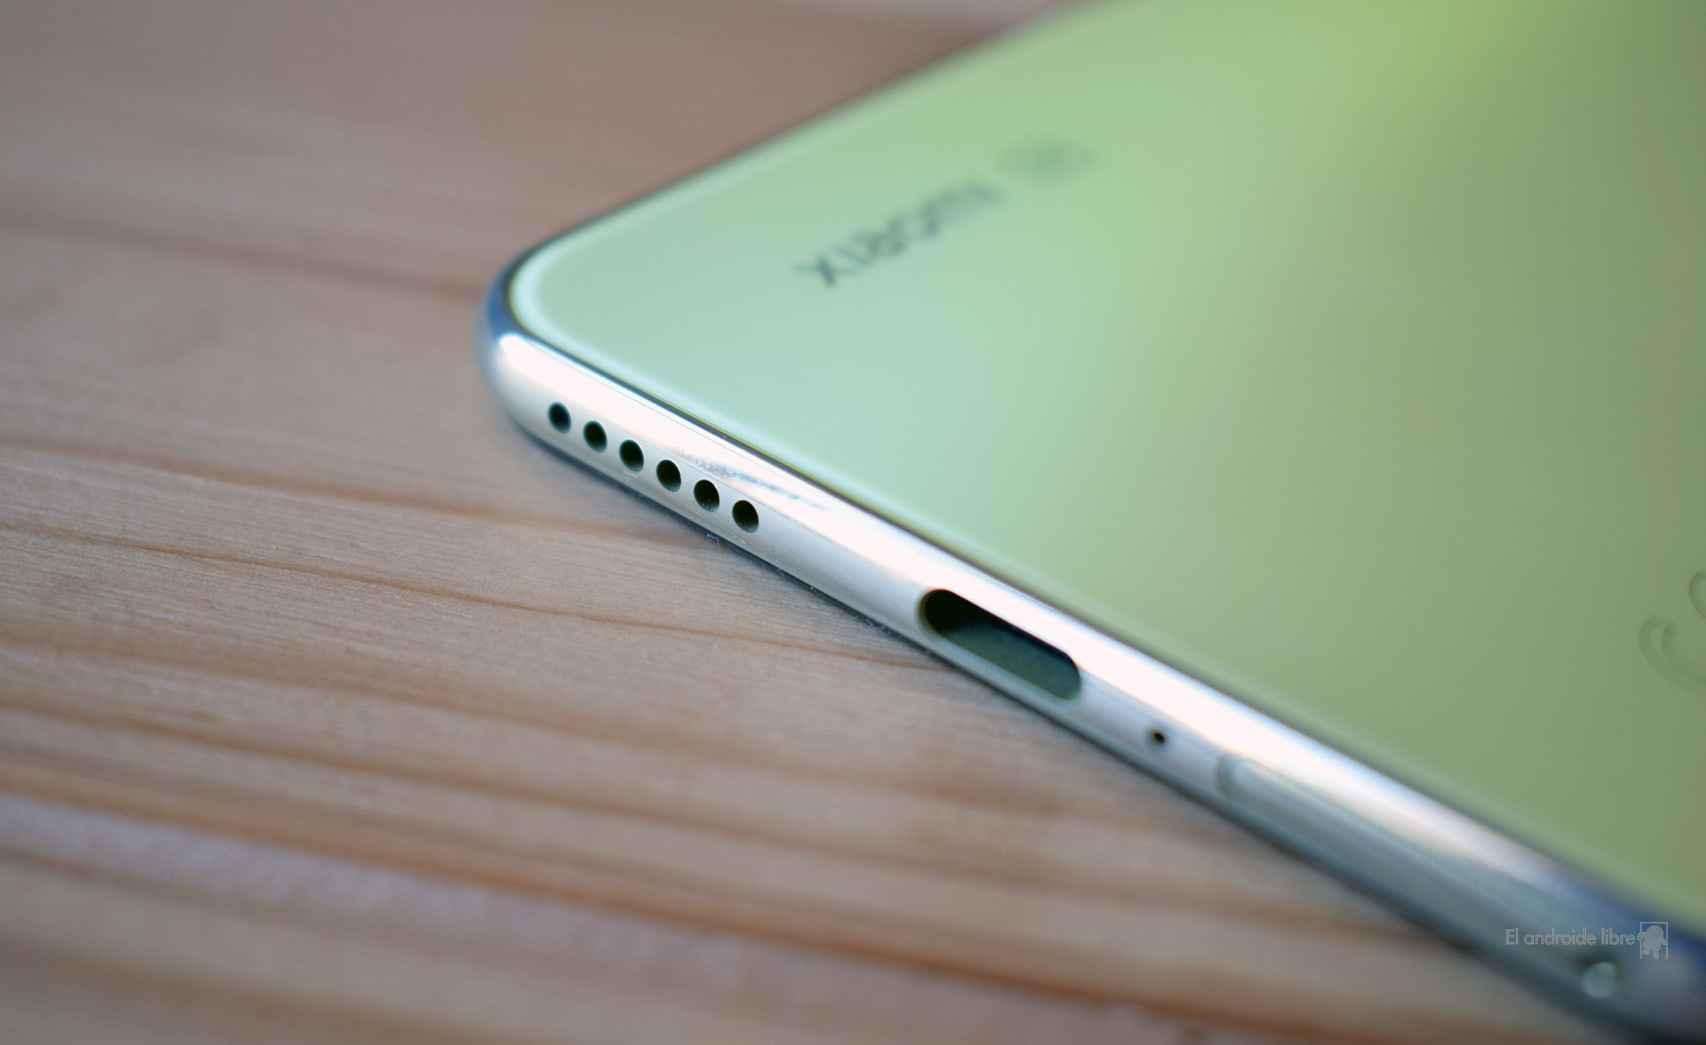 El puerto de carga del Xiaomi Mi 11 Lite 5G